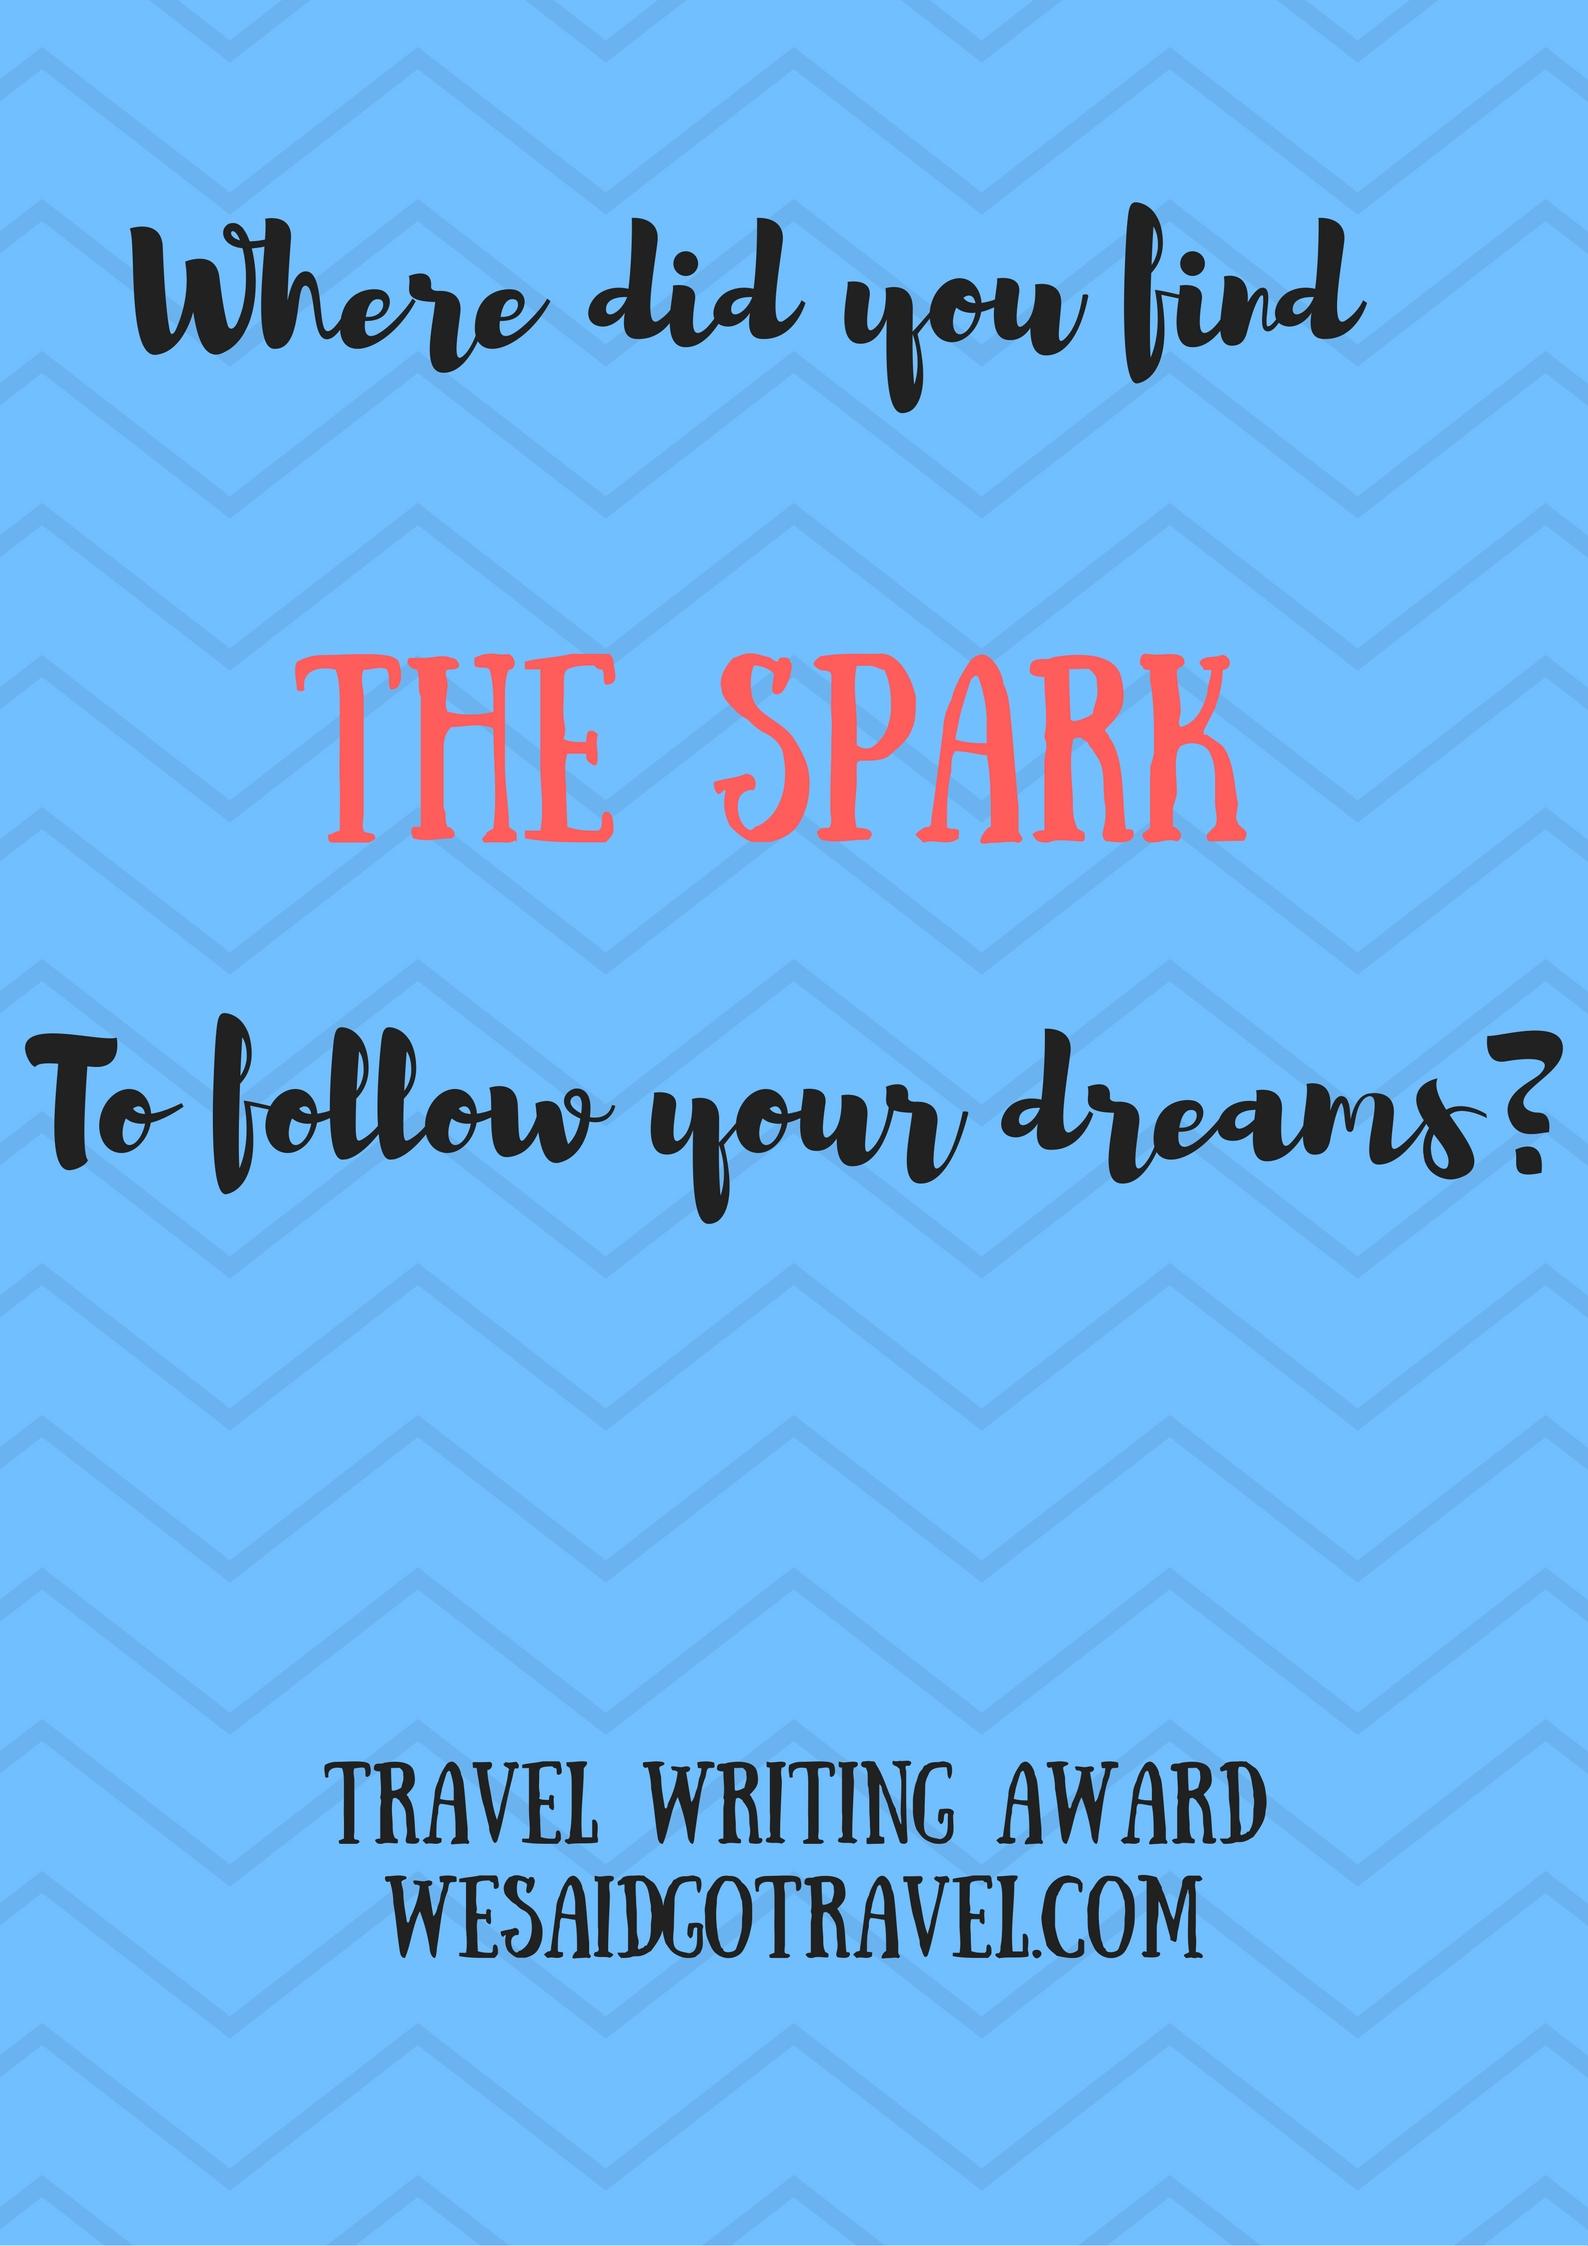 travel writing awards 2012